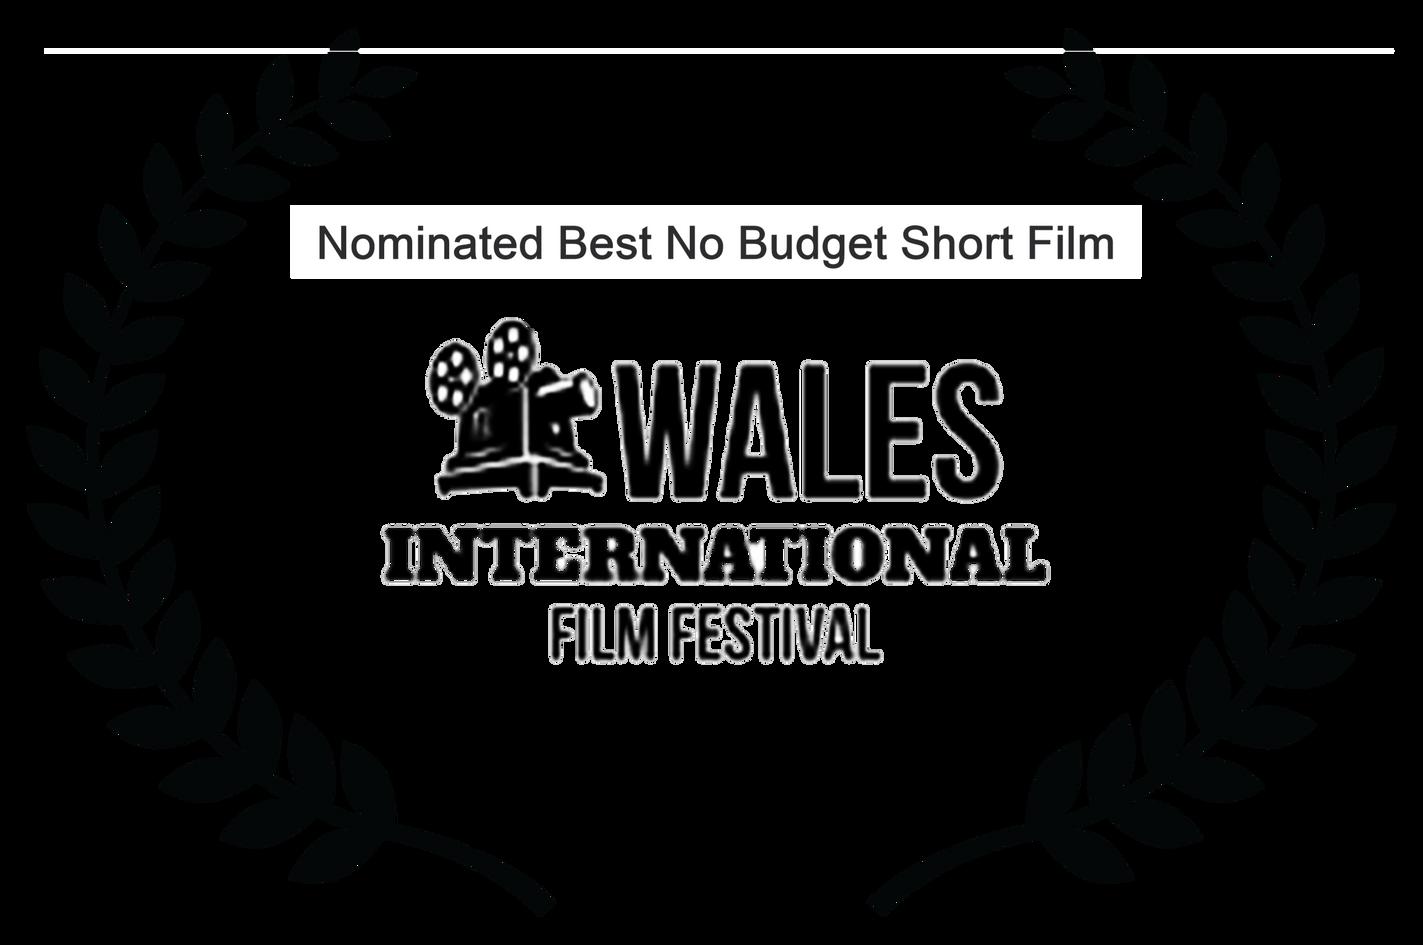 Nomination for Best no Budget Short Film 2020